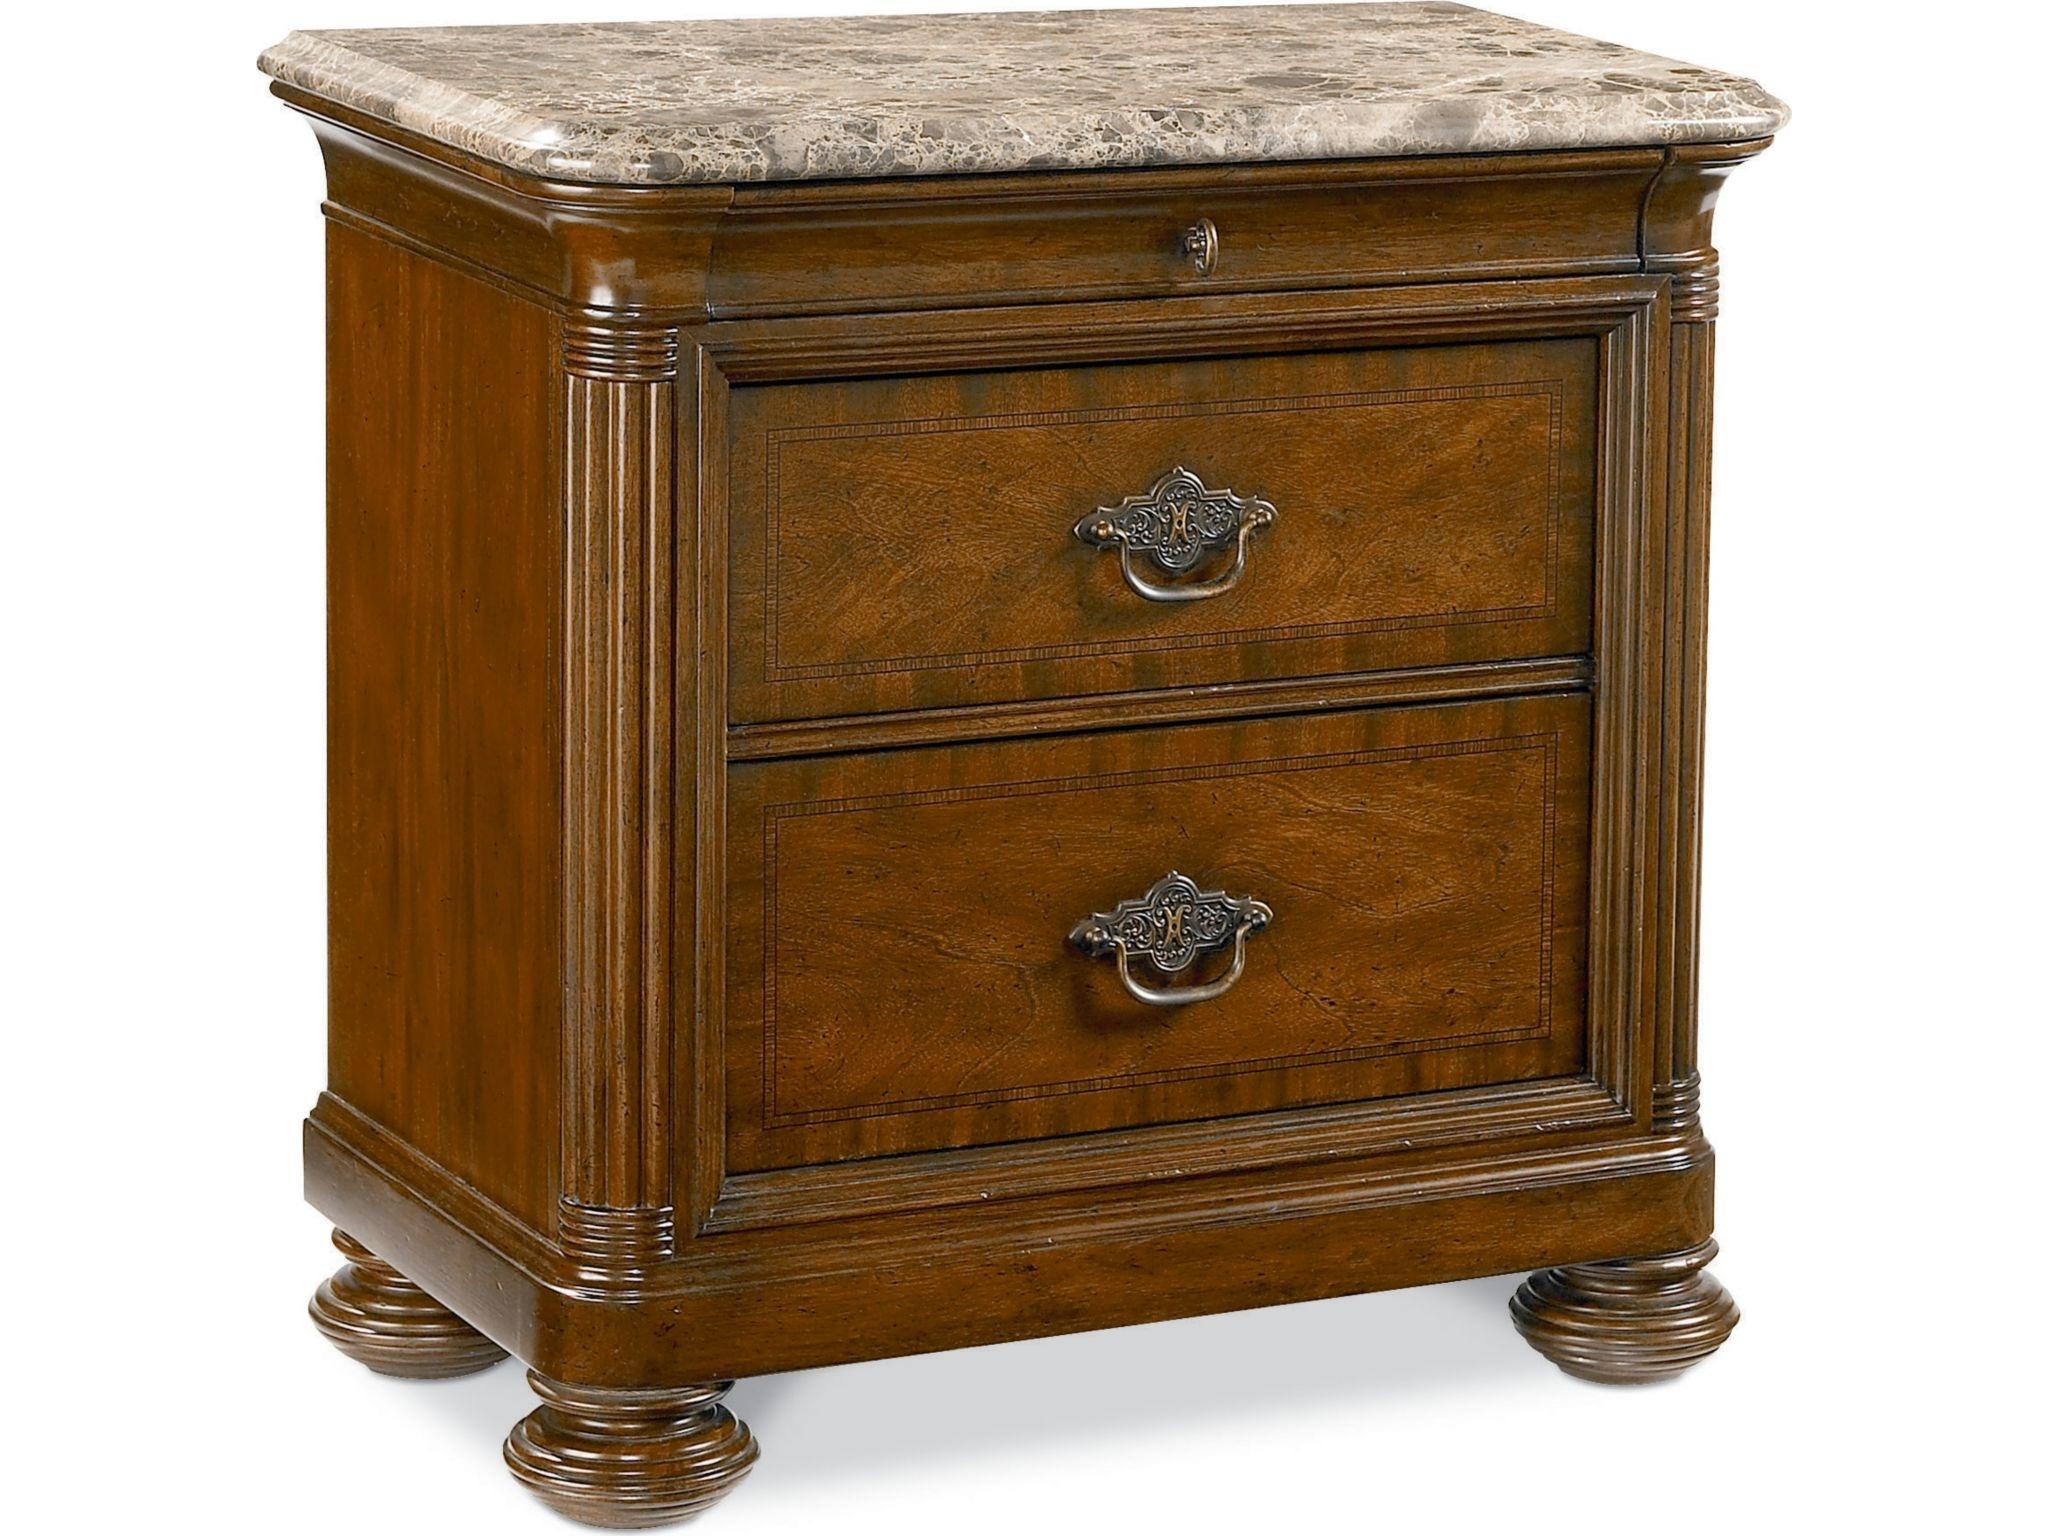 Fresh Thomasville Furniture Ernest Hemingway Discontinued